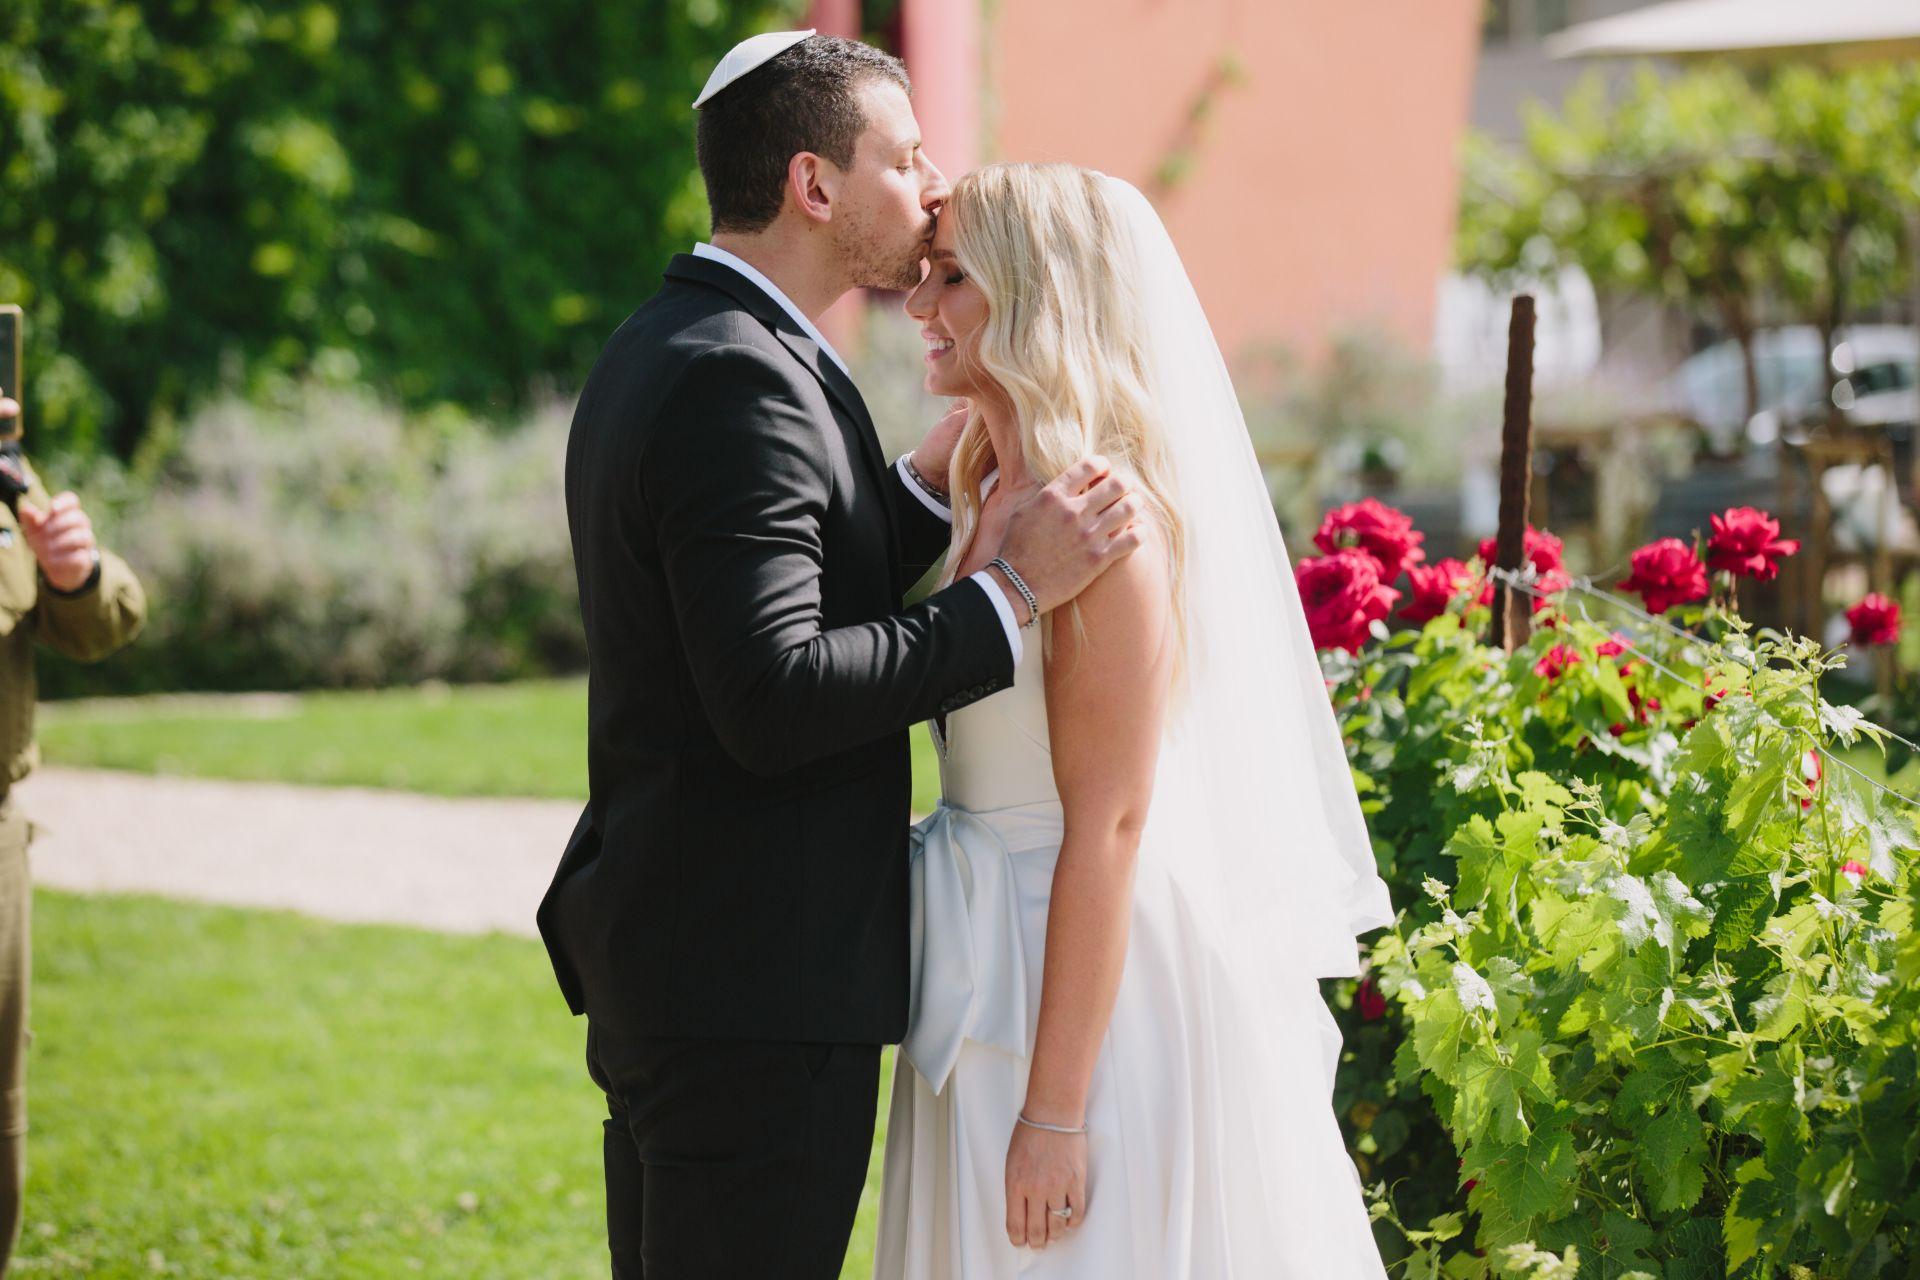 שינוי התוכניות ברגע האחרון הוביל לחתונה מהממת בטוסקנה הישראלית